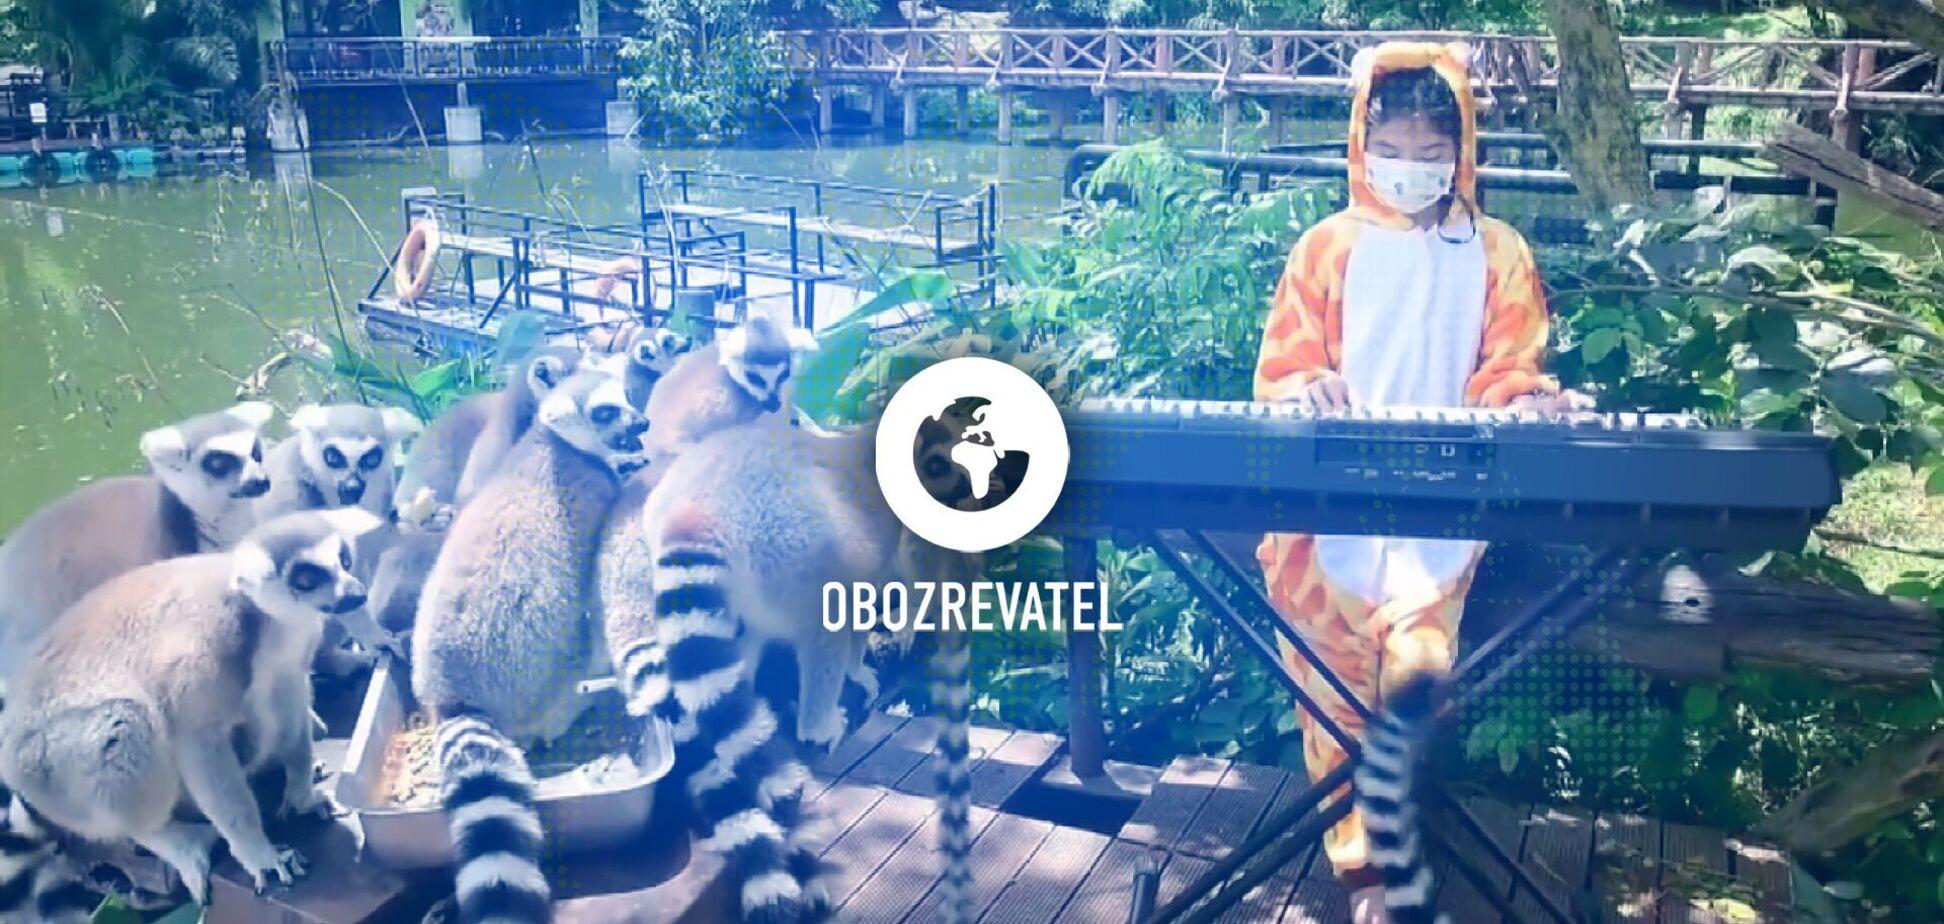 В зоопарке Таиланда девочка-волонтер играет на синтезаторе, чтобы утешить животных